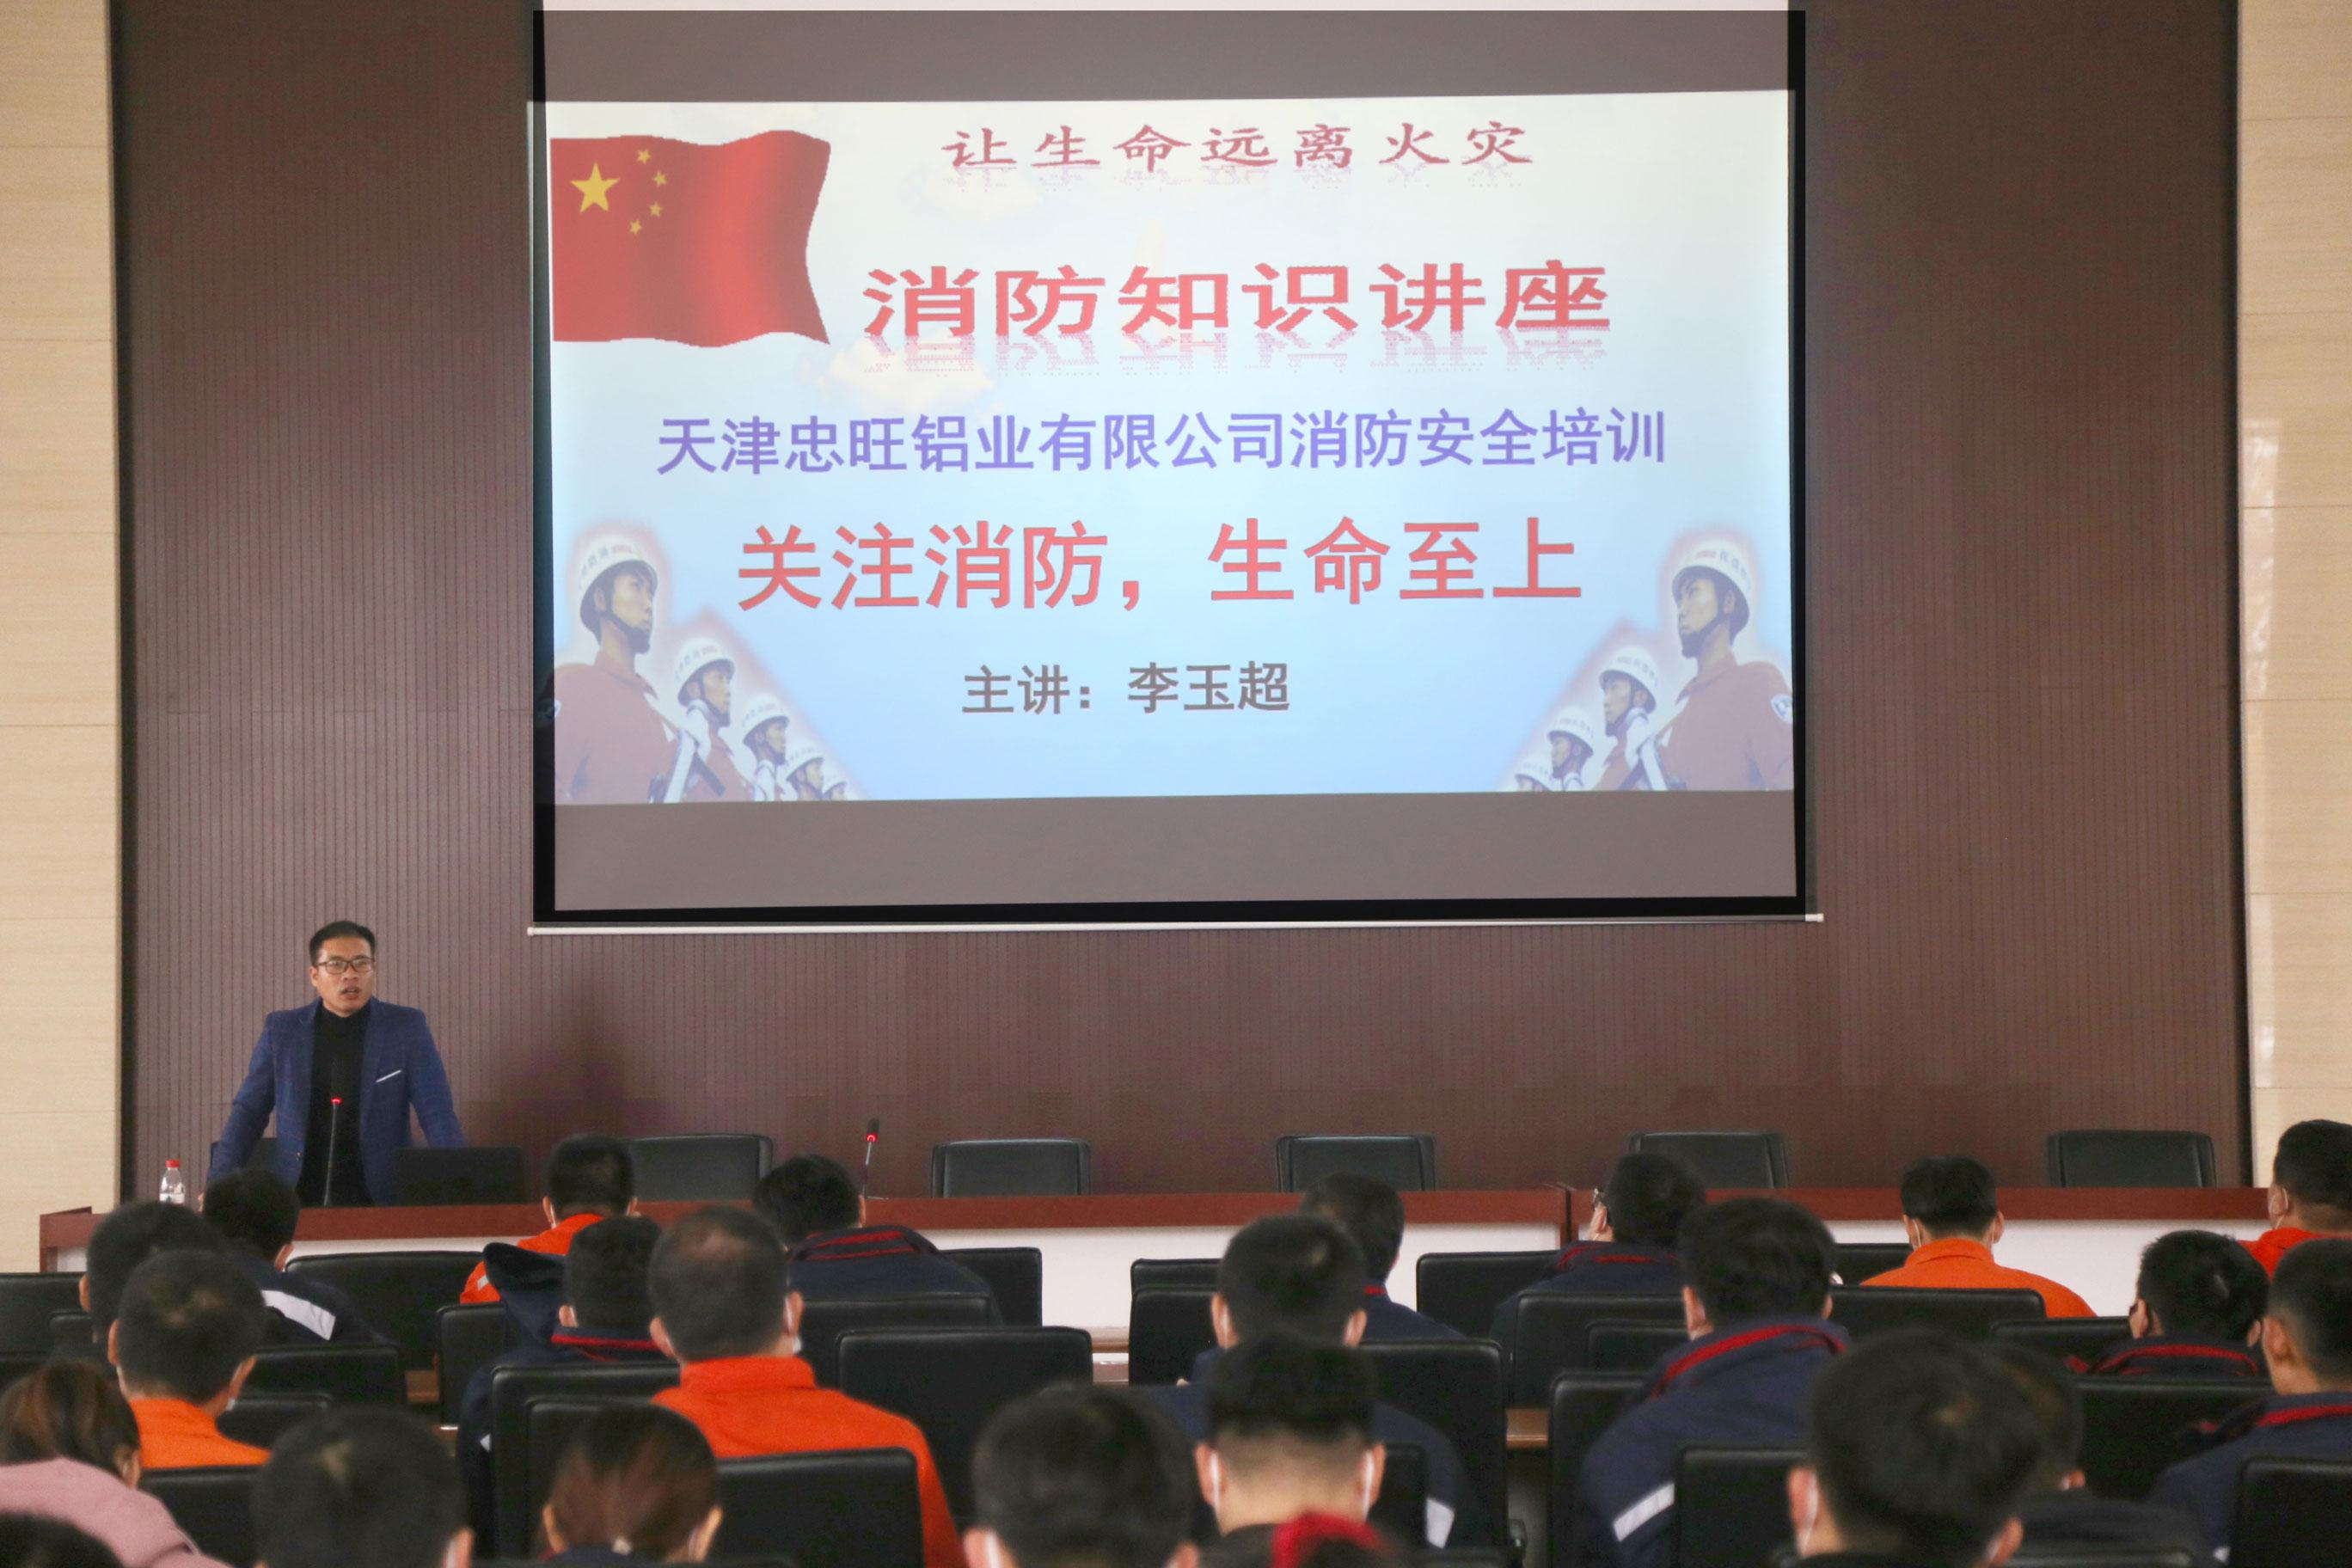 易胜博娱乐app市消防协会到公司进行消防安全宣讲